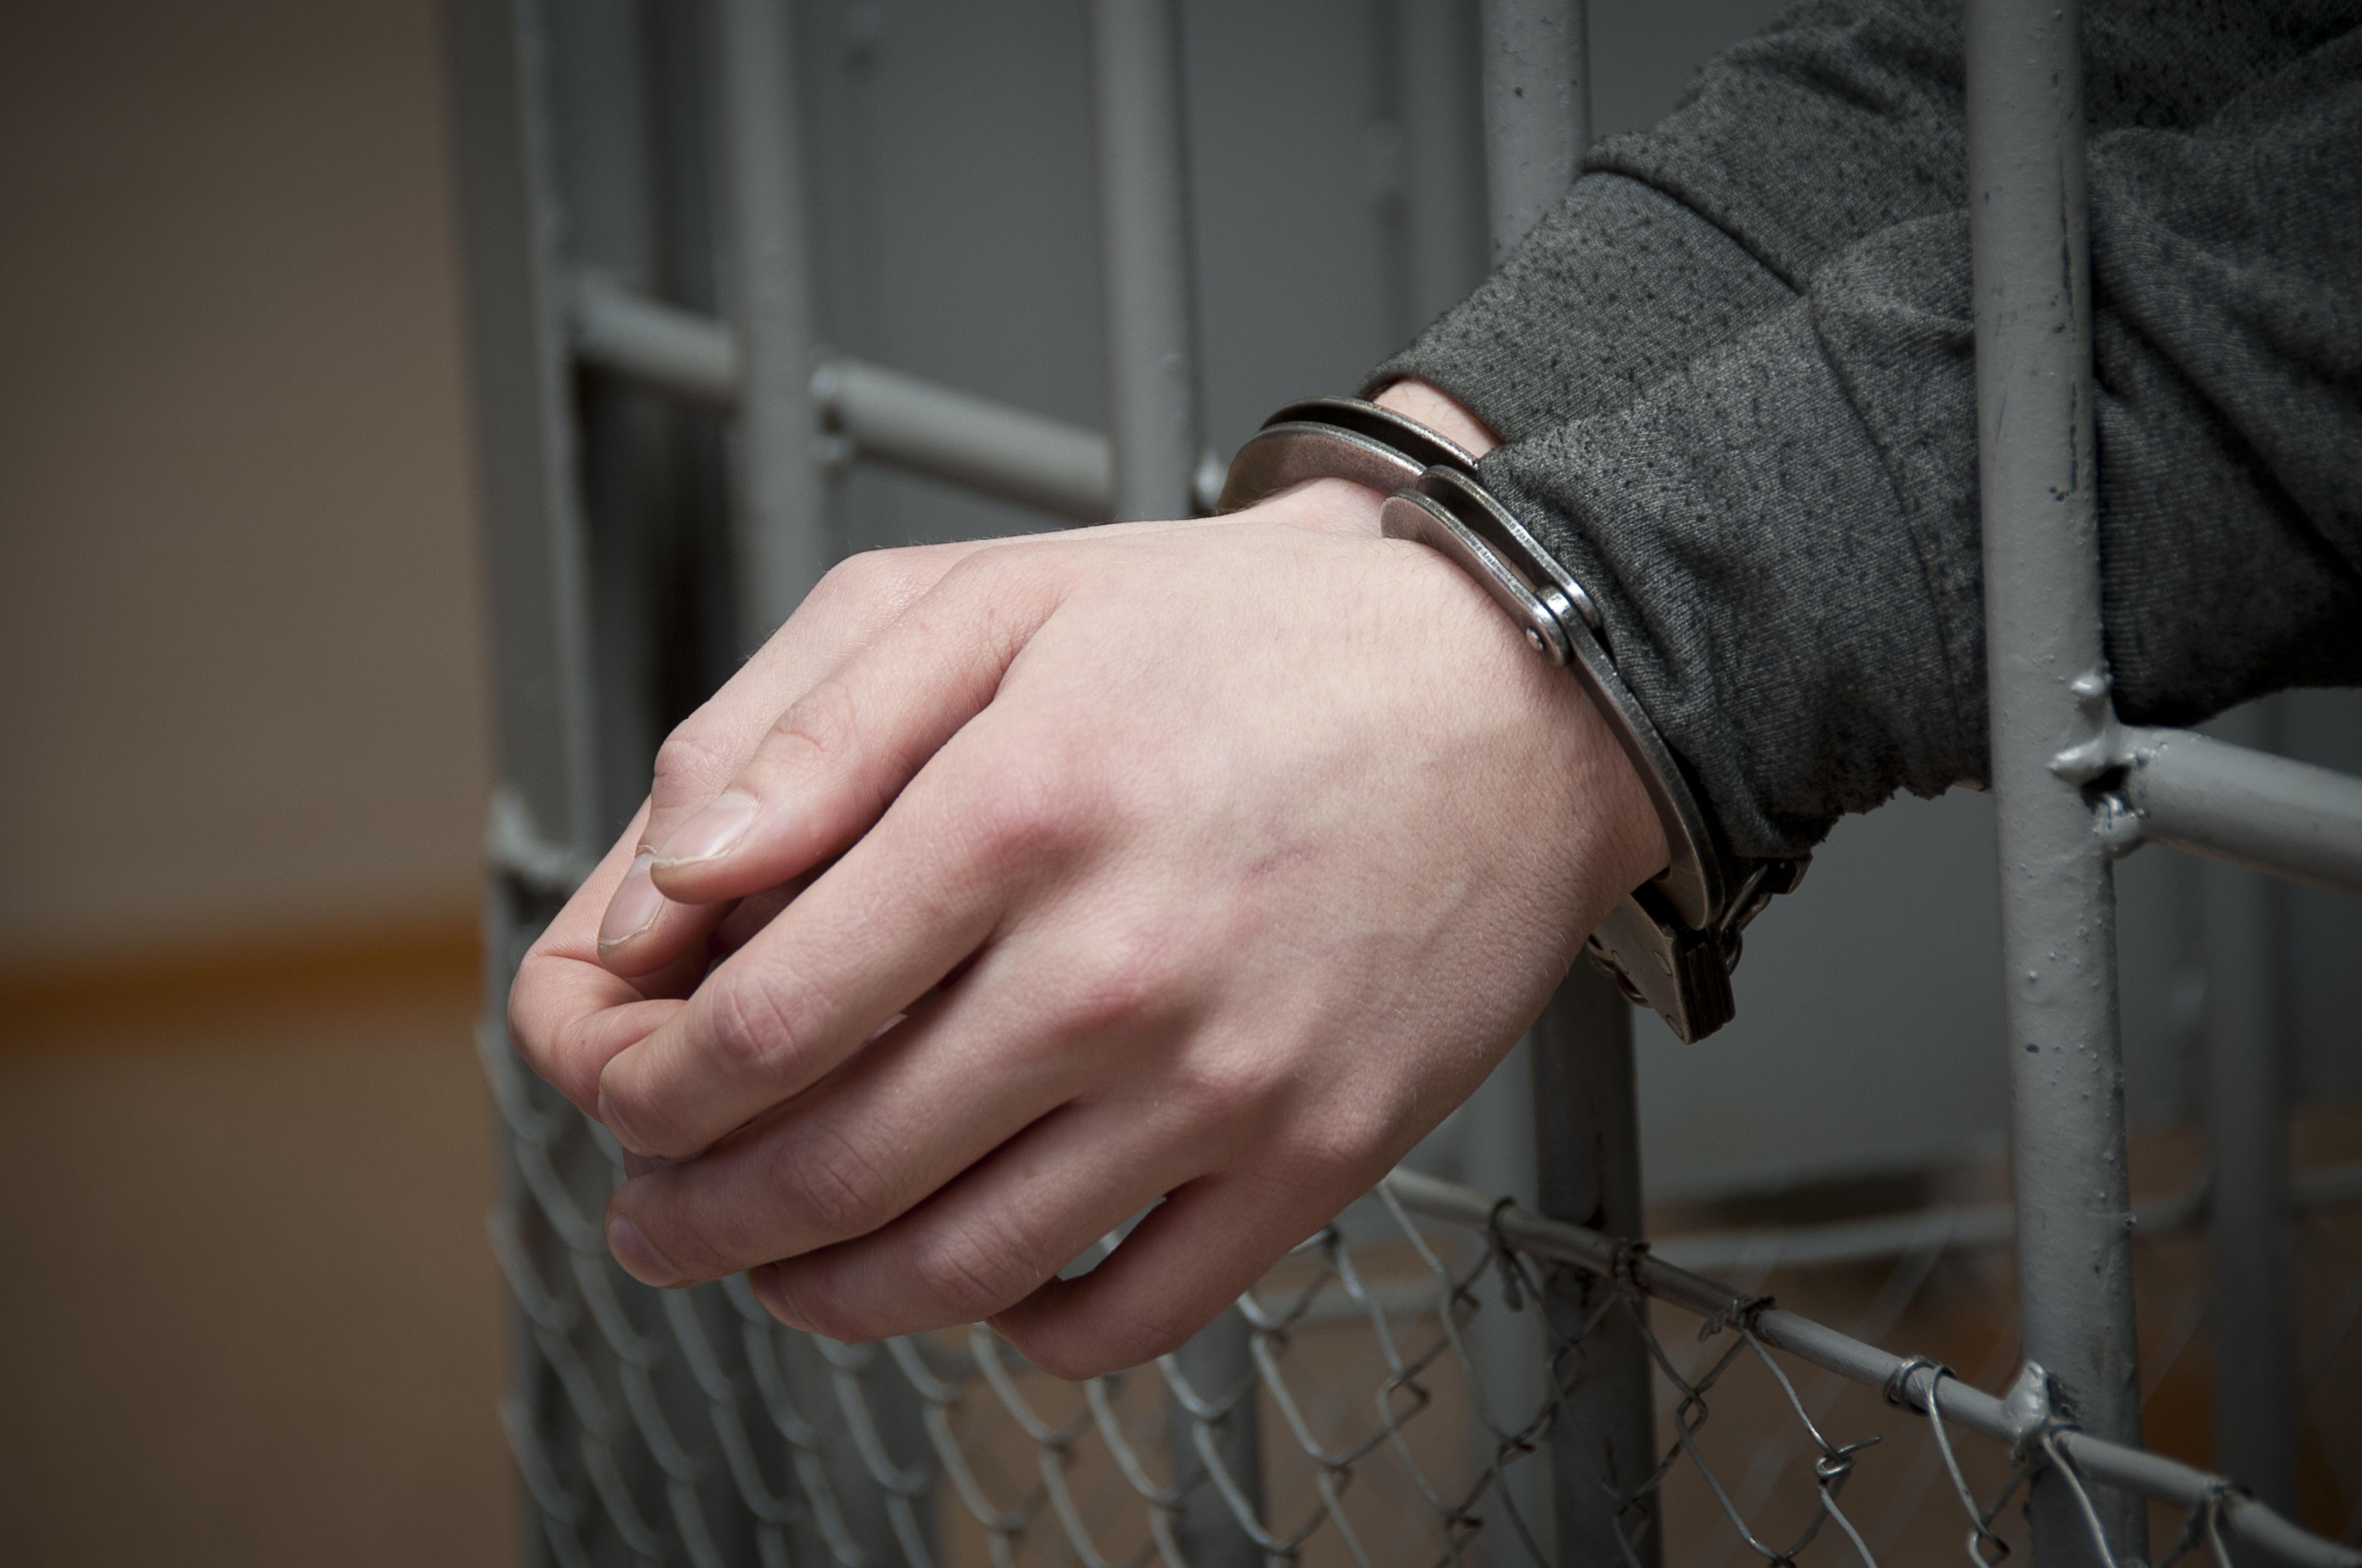 уголовная ответственность за незаконное лишение свободы